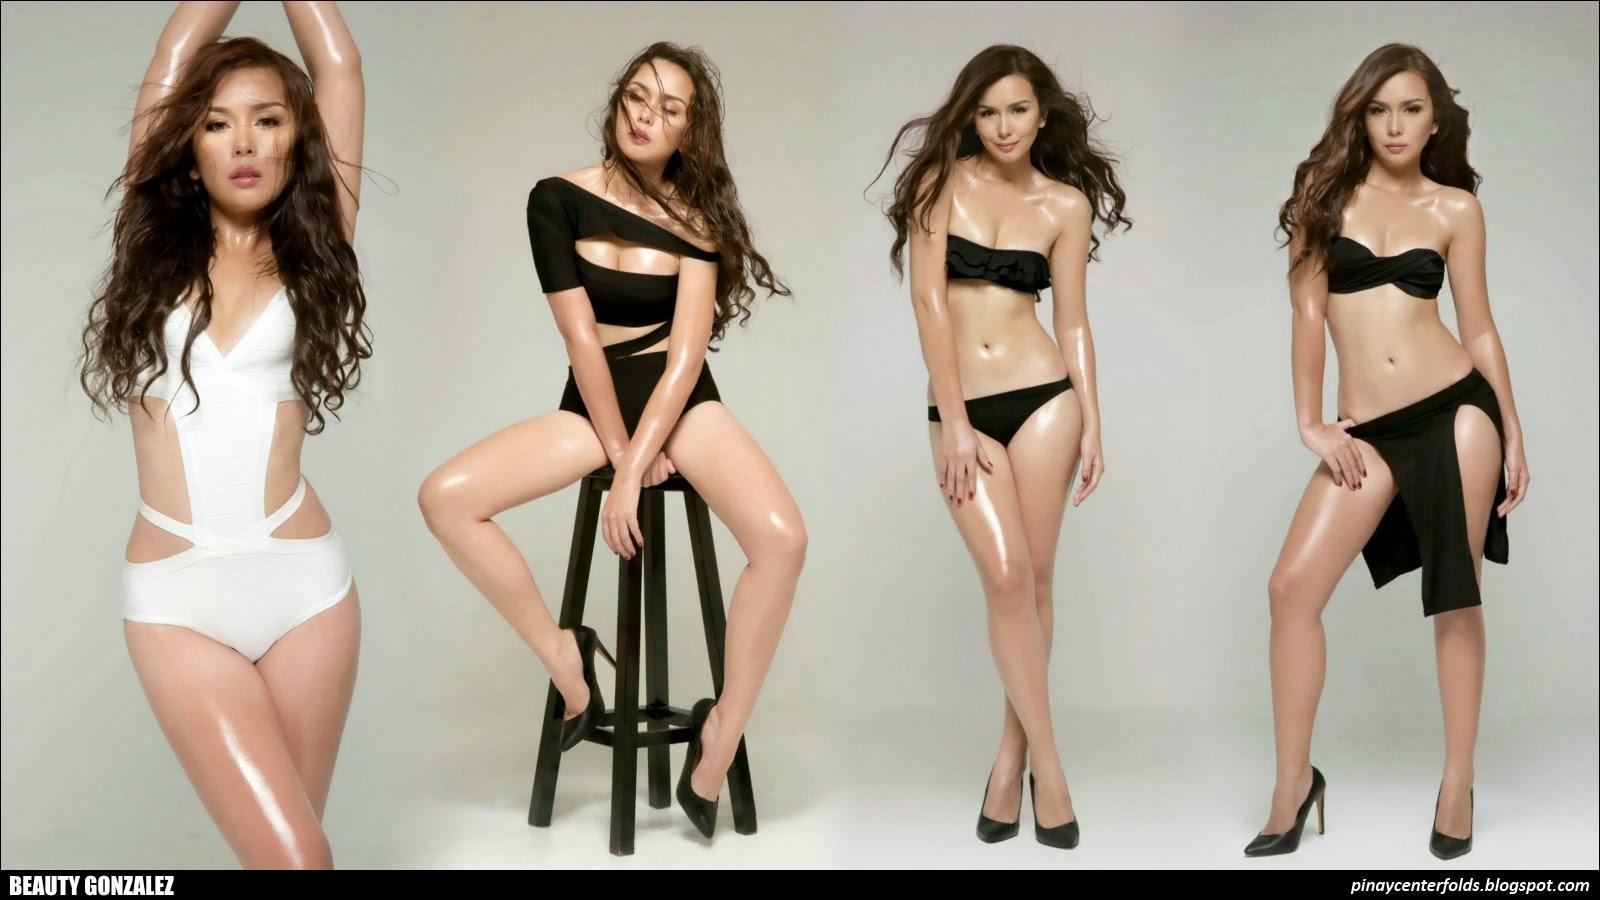 Beauty Gonzalez In FHM 3